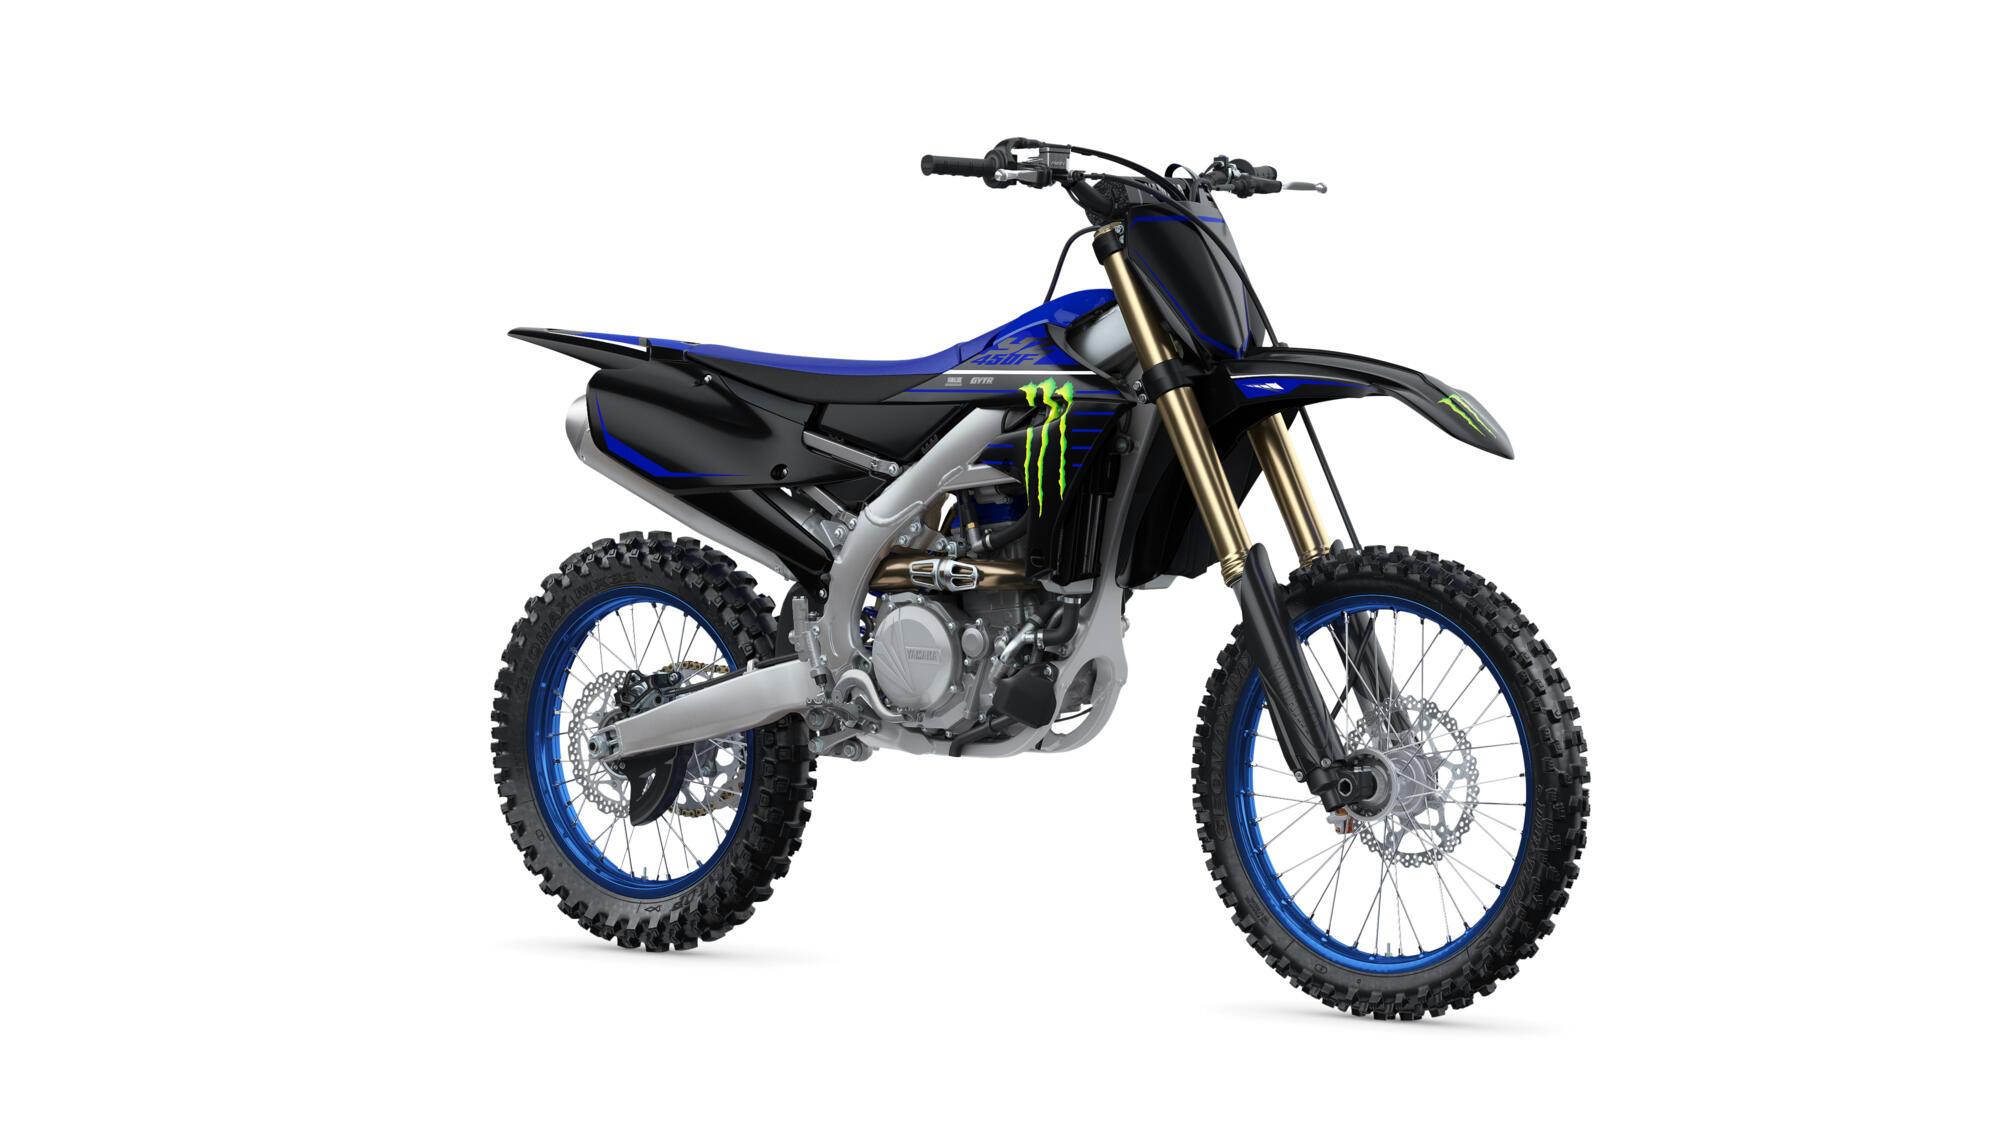 YZ450F Monster Energy Yamaha Racing Edition 2022